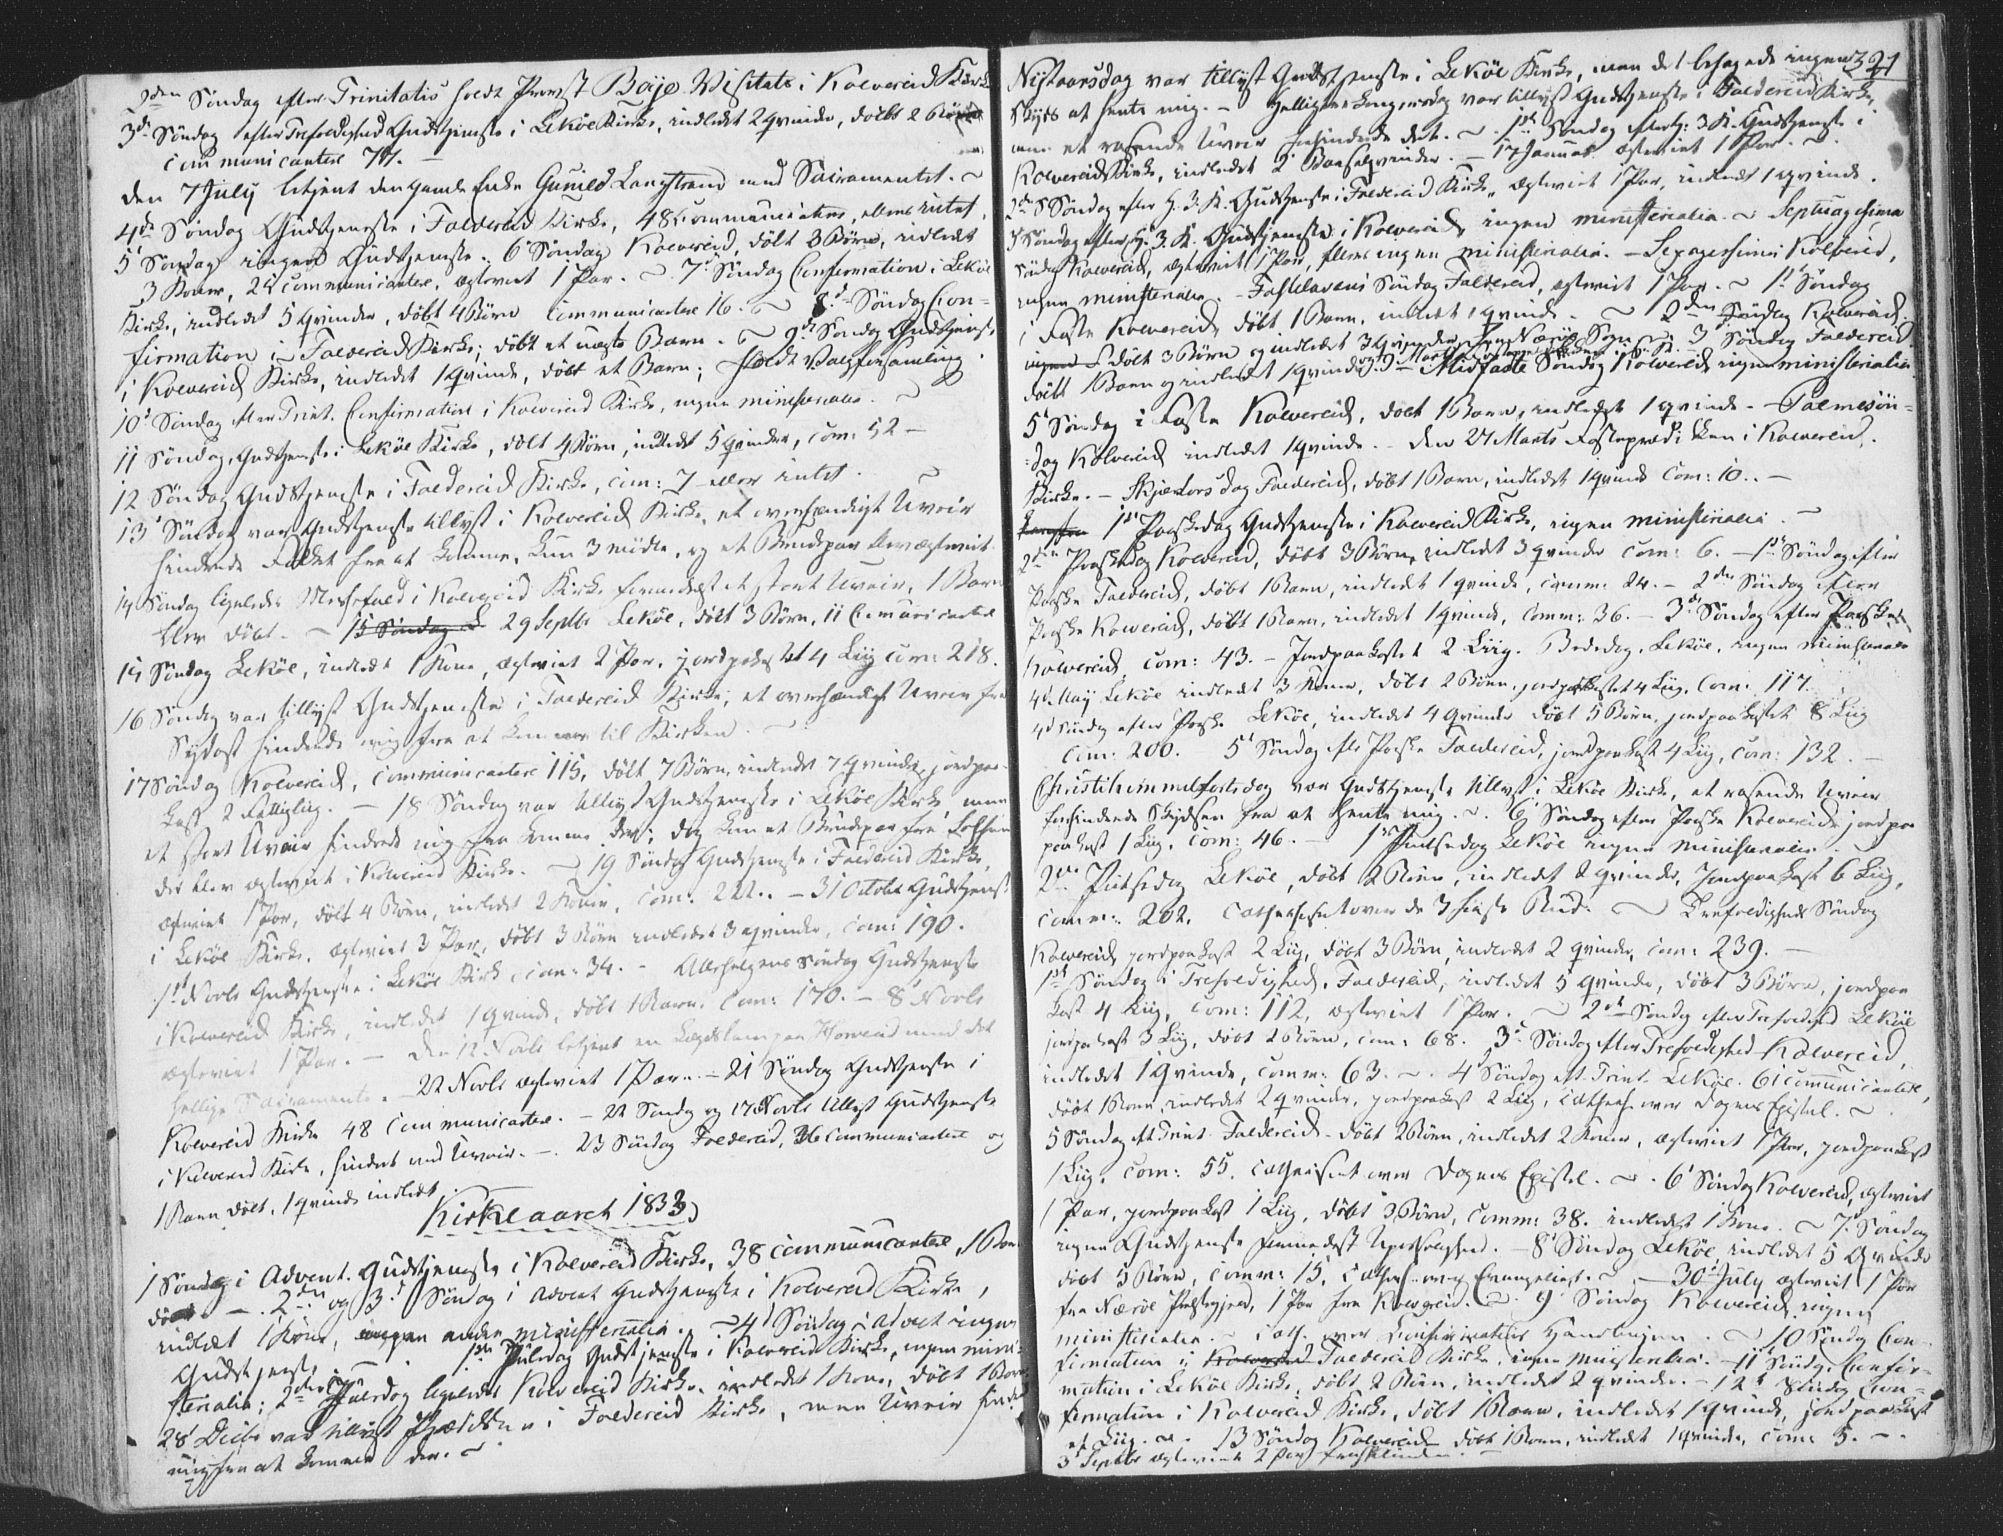 SAT, Ministerialprotokoller, klokkerbøker og fødselsregistre - Nord-Trøndelag, 780/L0639: Ministerialbok nr. 780A04, 1830-1844, s. 321